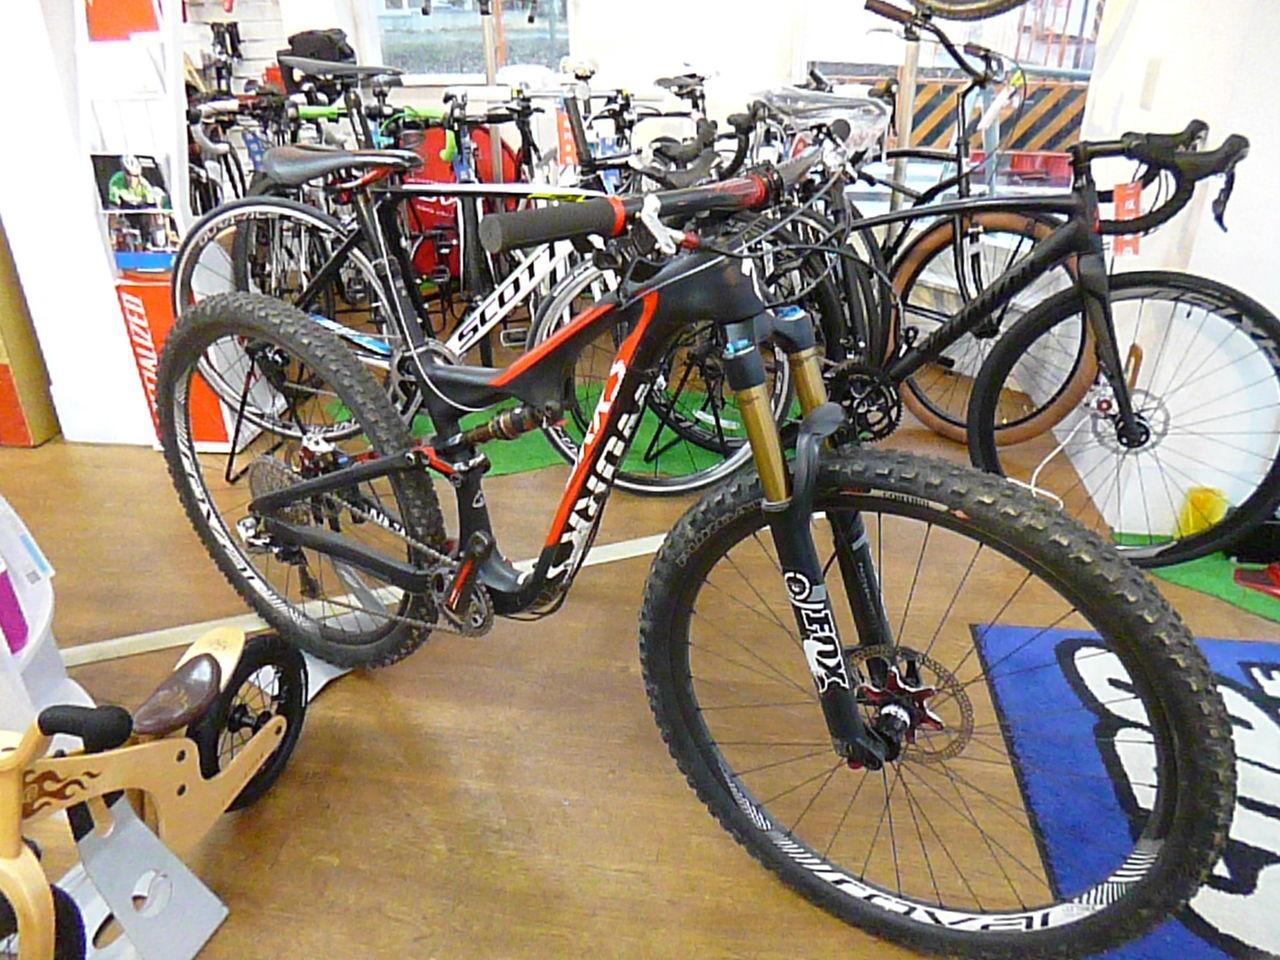 自転車店 平塚 自転車店 : 2013年12月20日 : SBC湘南藤沢店の ...